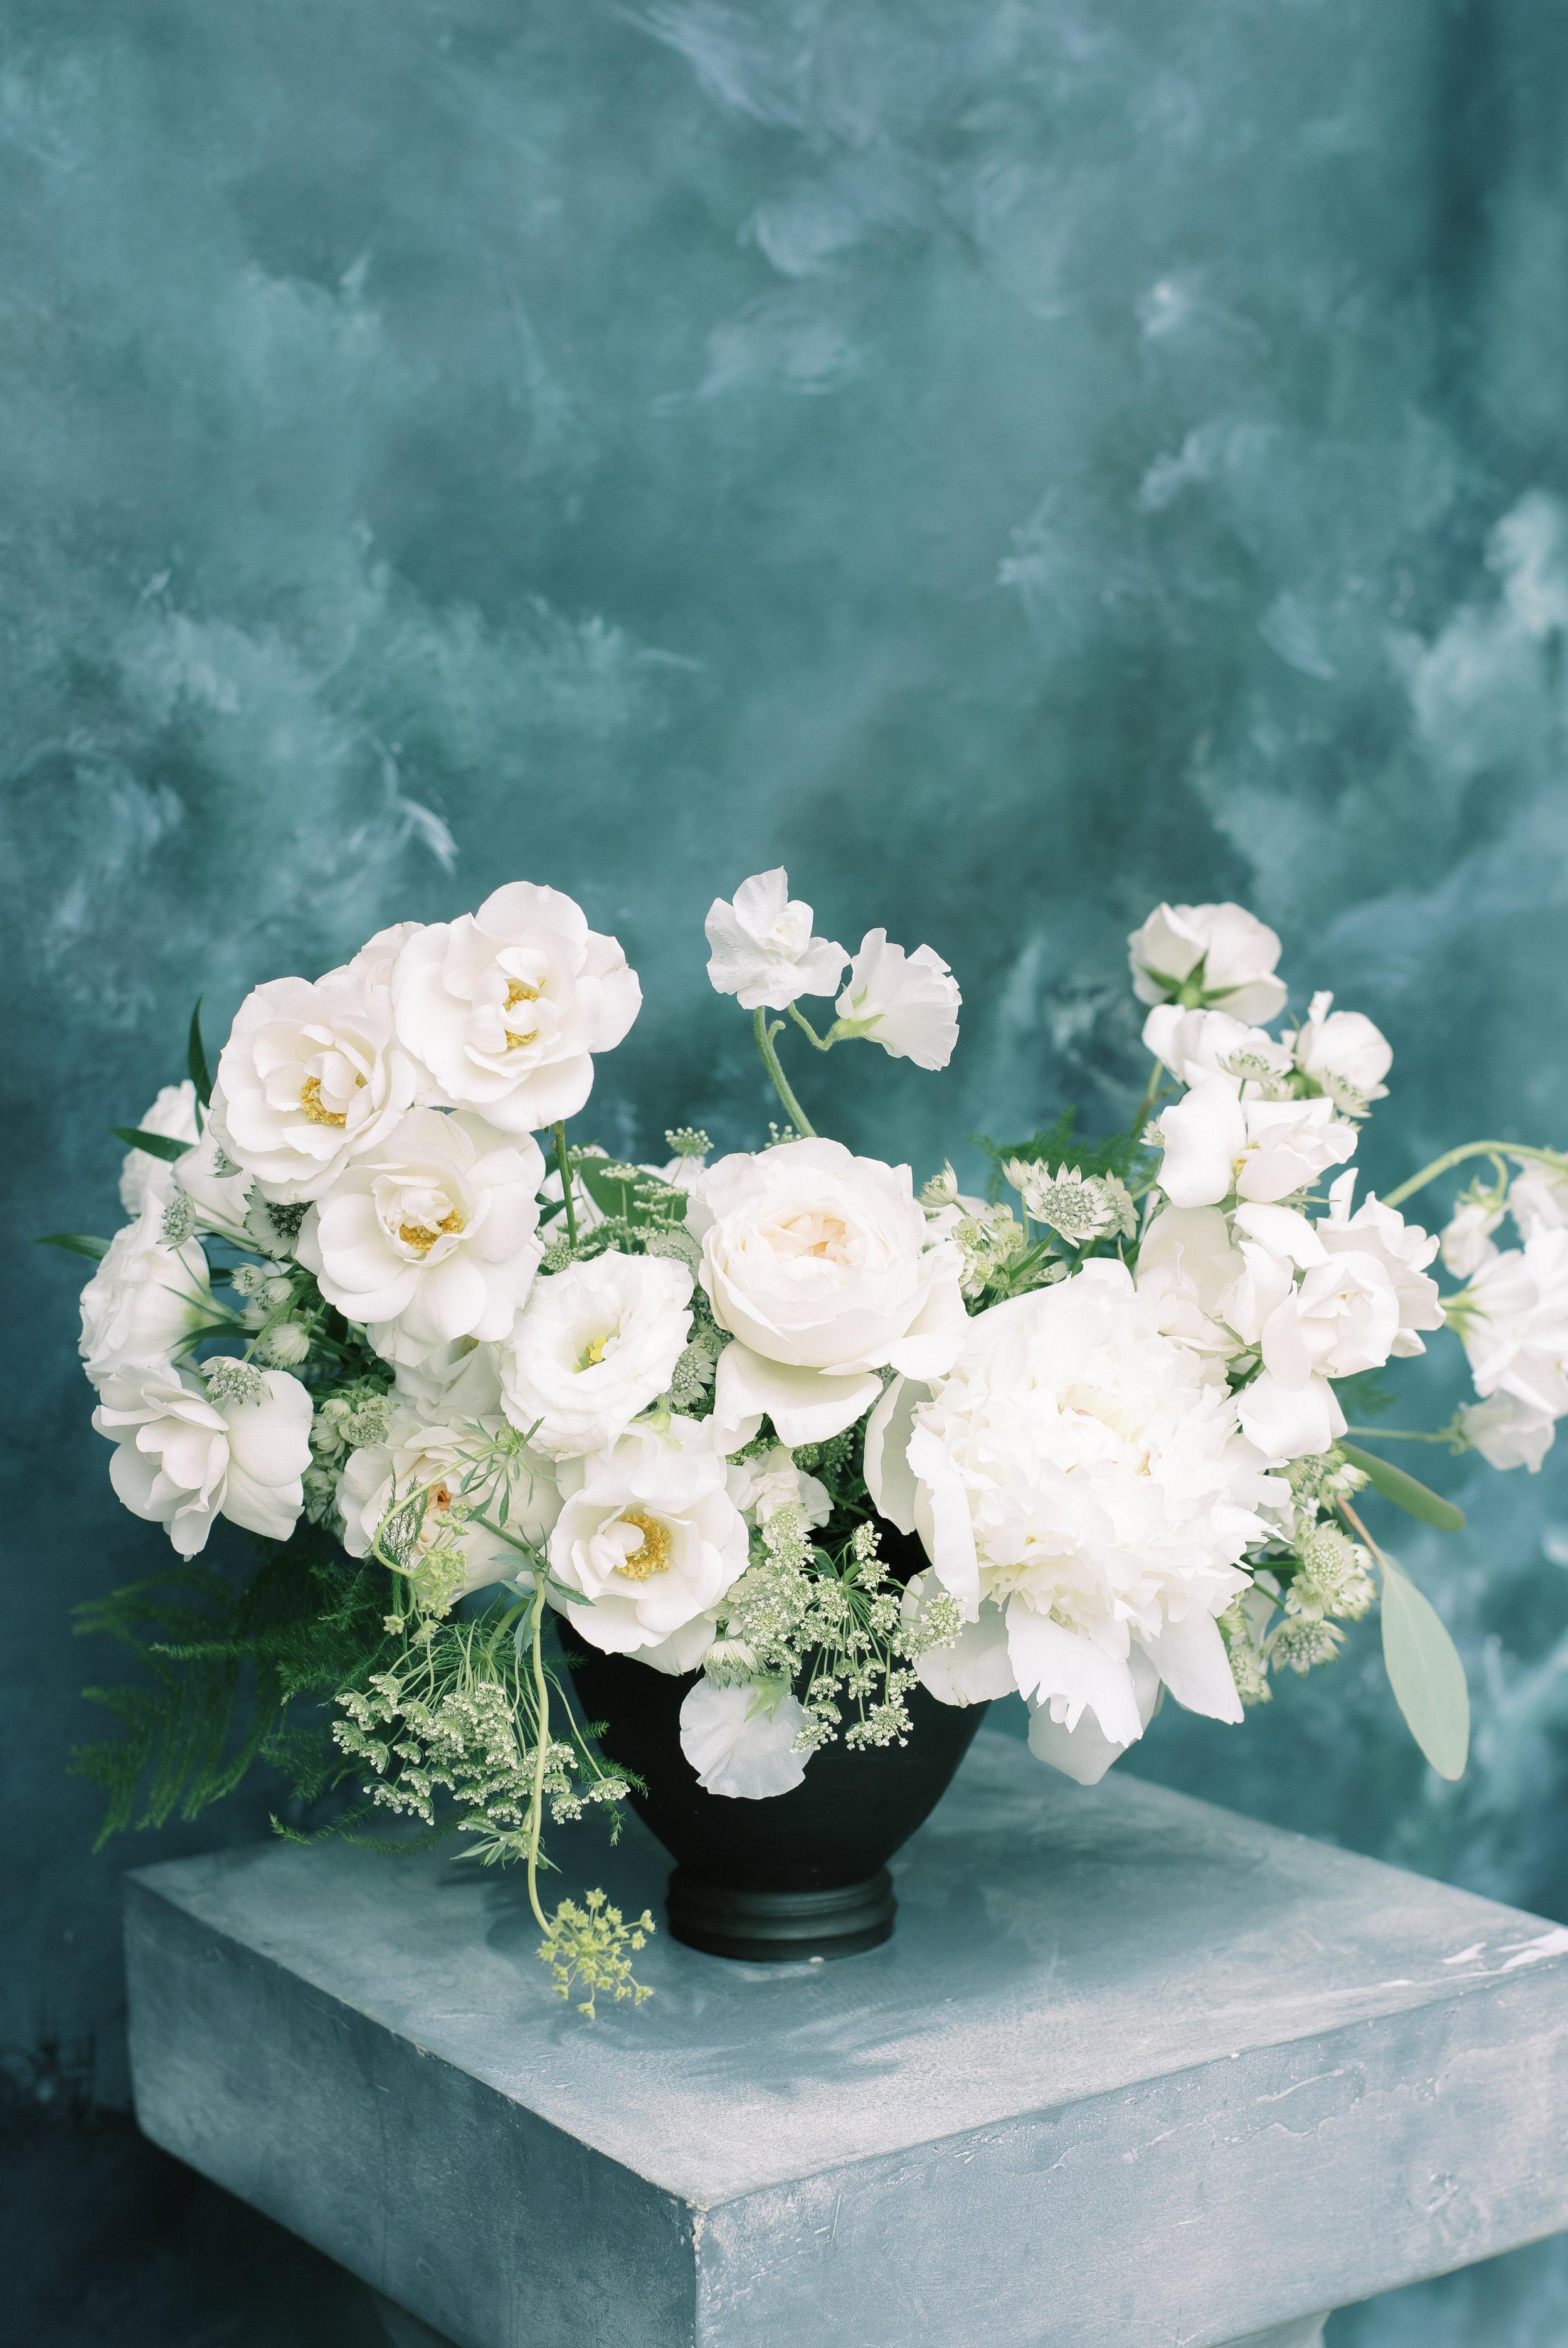 roots-floral-design-cincinnati-branding-photographer-laura-katie-photography-9.jpg